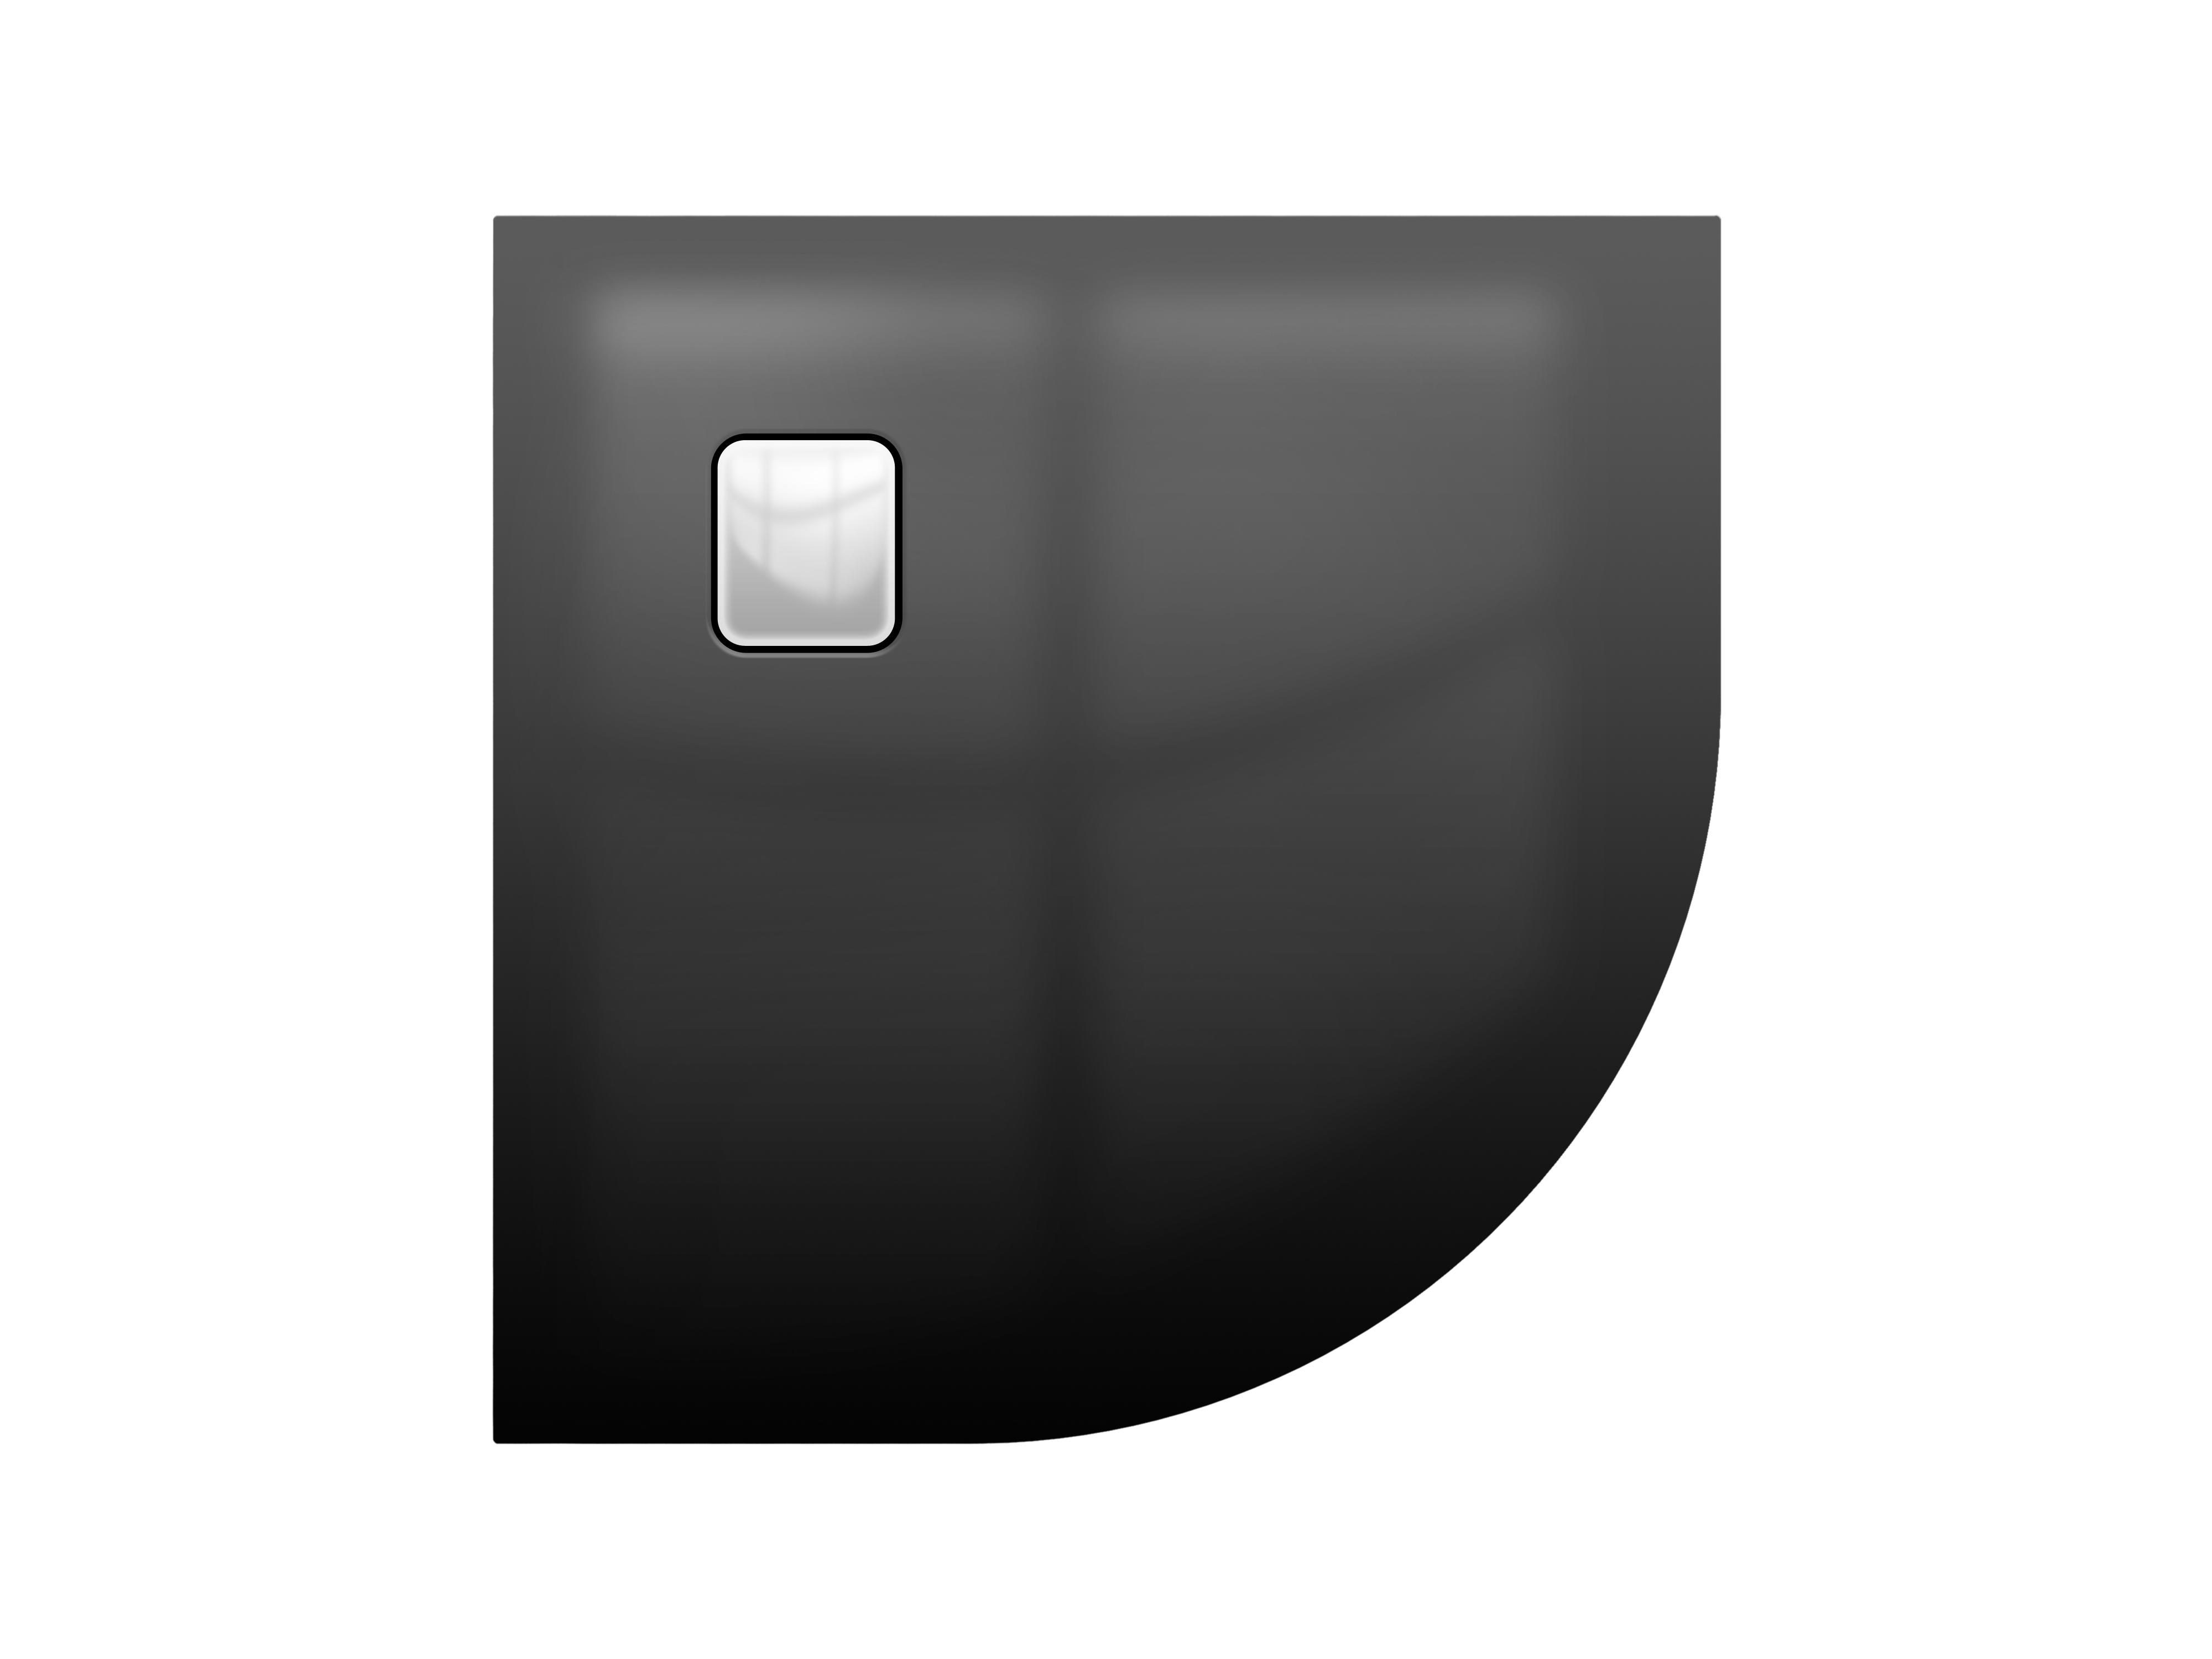 Акриловый душевой поддон Riho Basel 451 90x90 черный глянец, накладка хром DC981600000000S